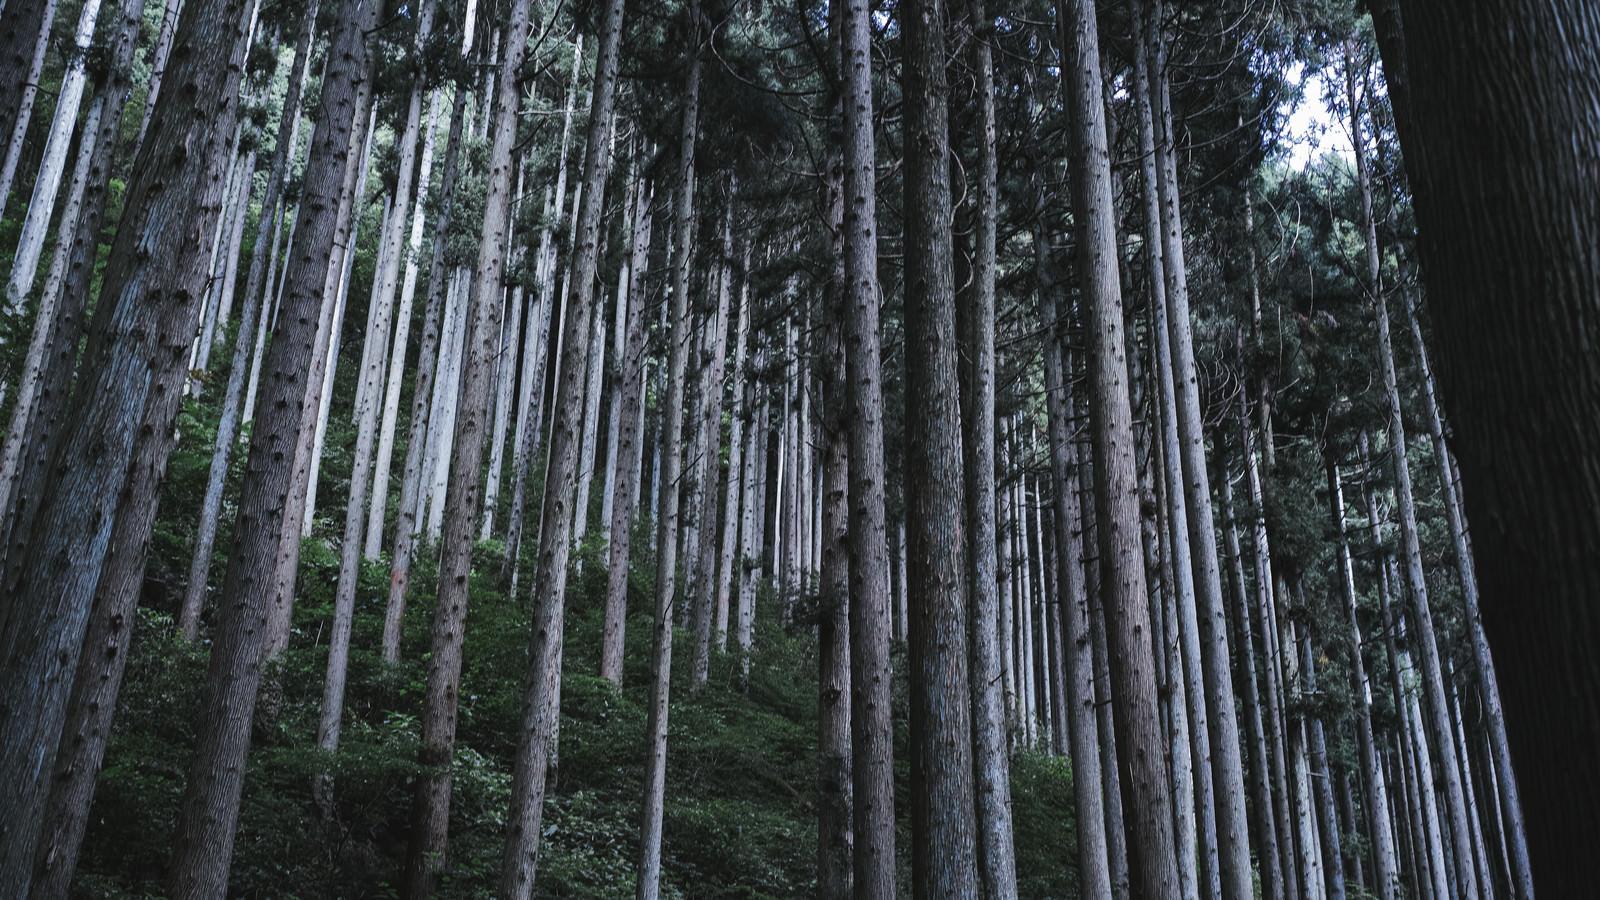 「枝打ちされた杉の森」の写真